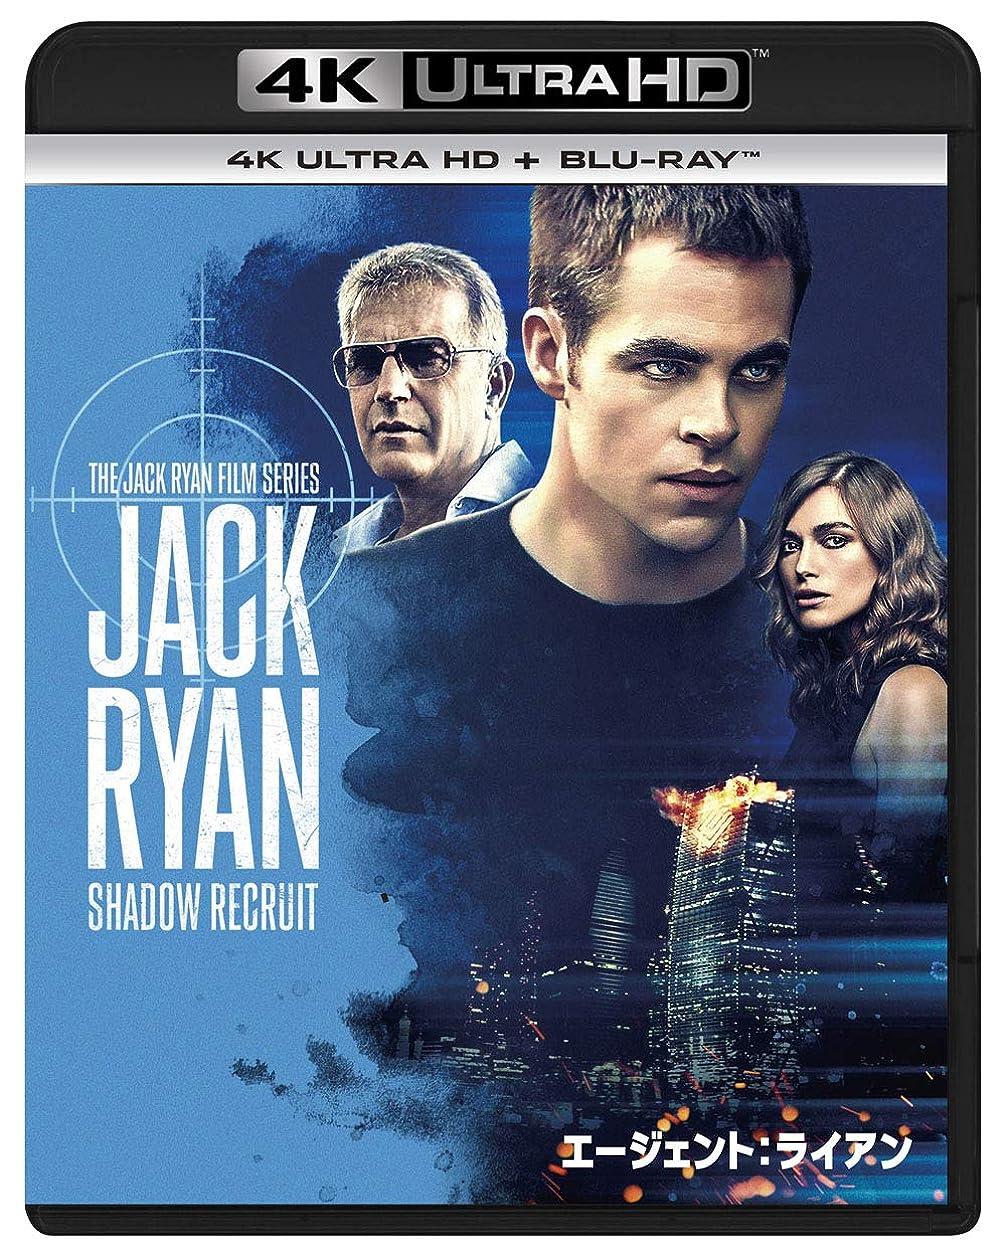 鯨チップ十分ですエージェント:ライアン (4K ULTRA HD + Blu-rayセット)[4K ULTRA HD + Blu-ray]